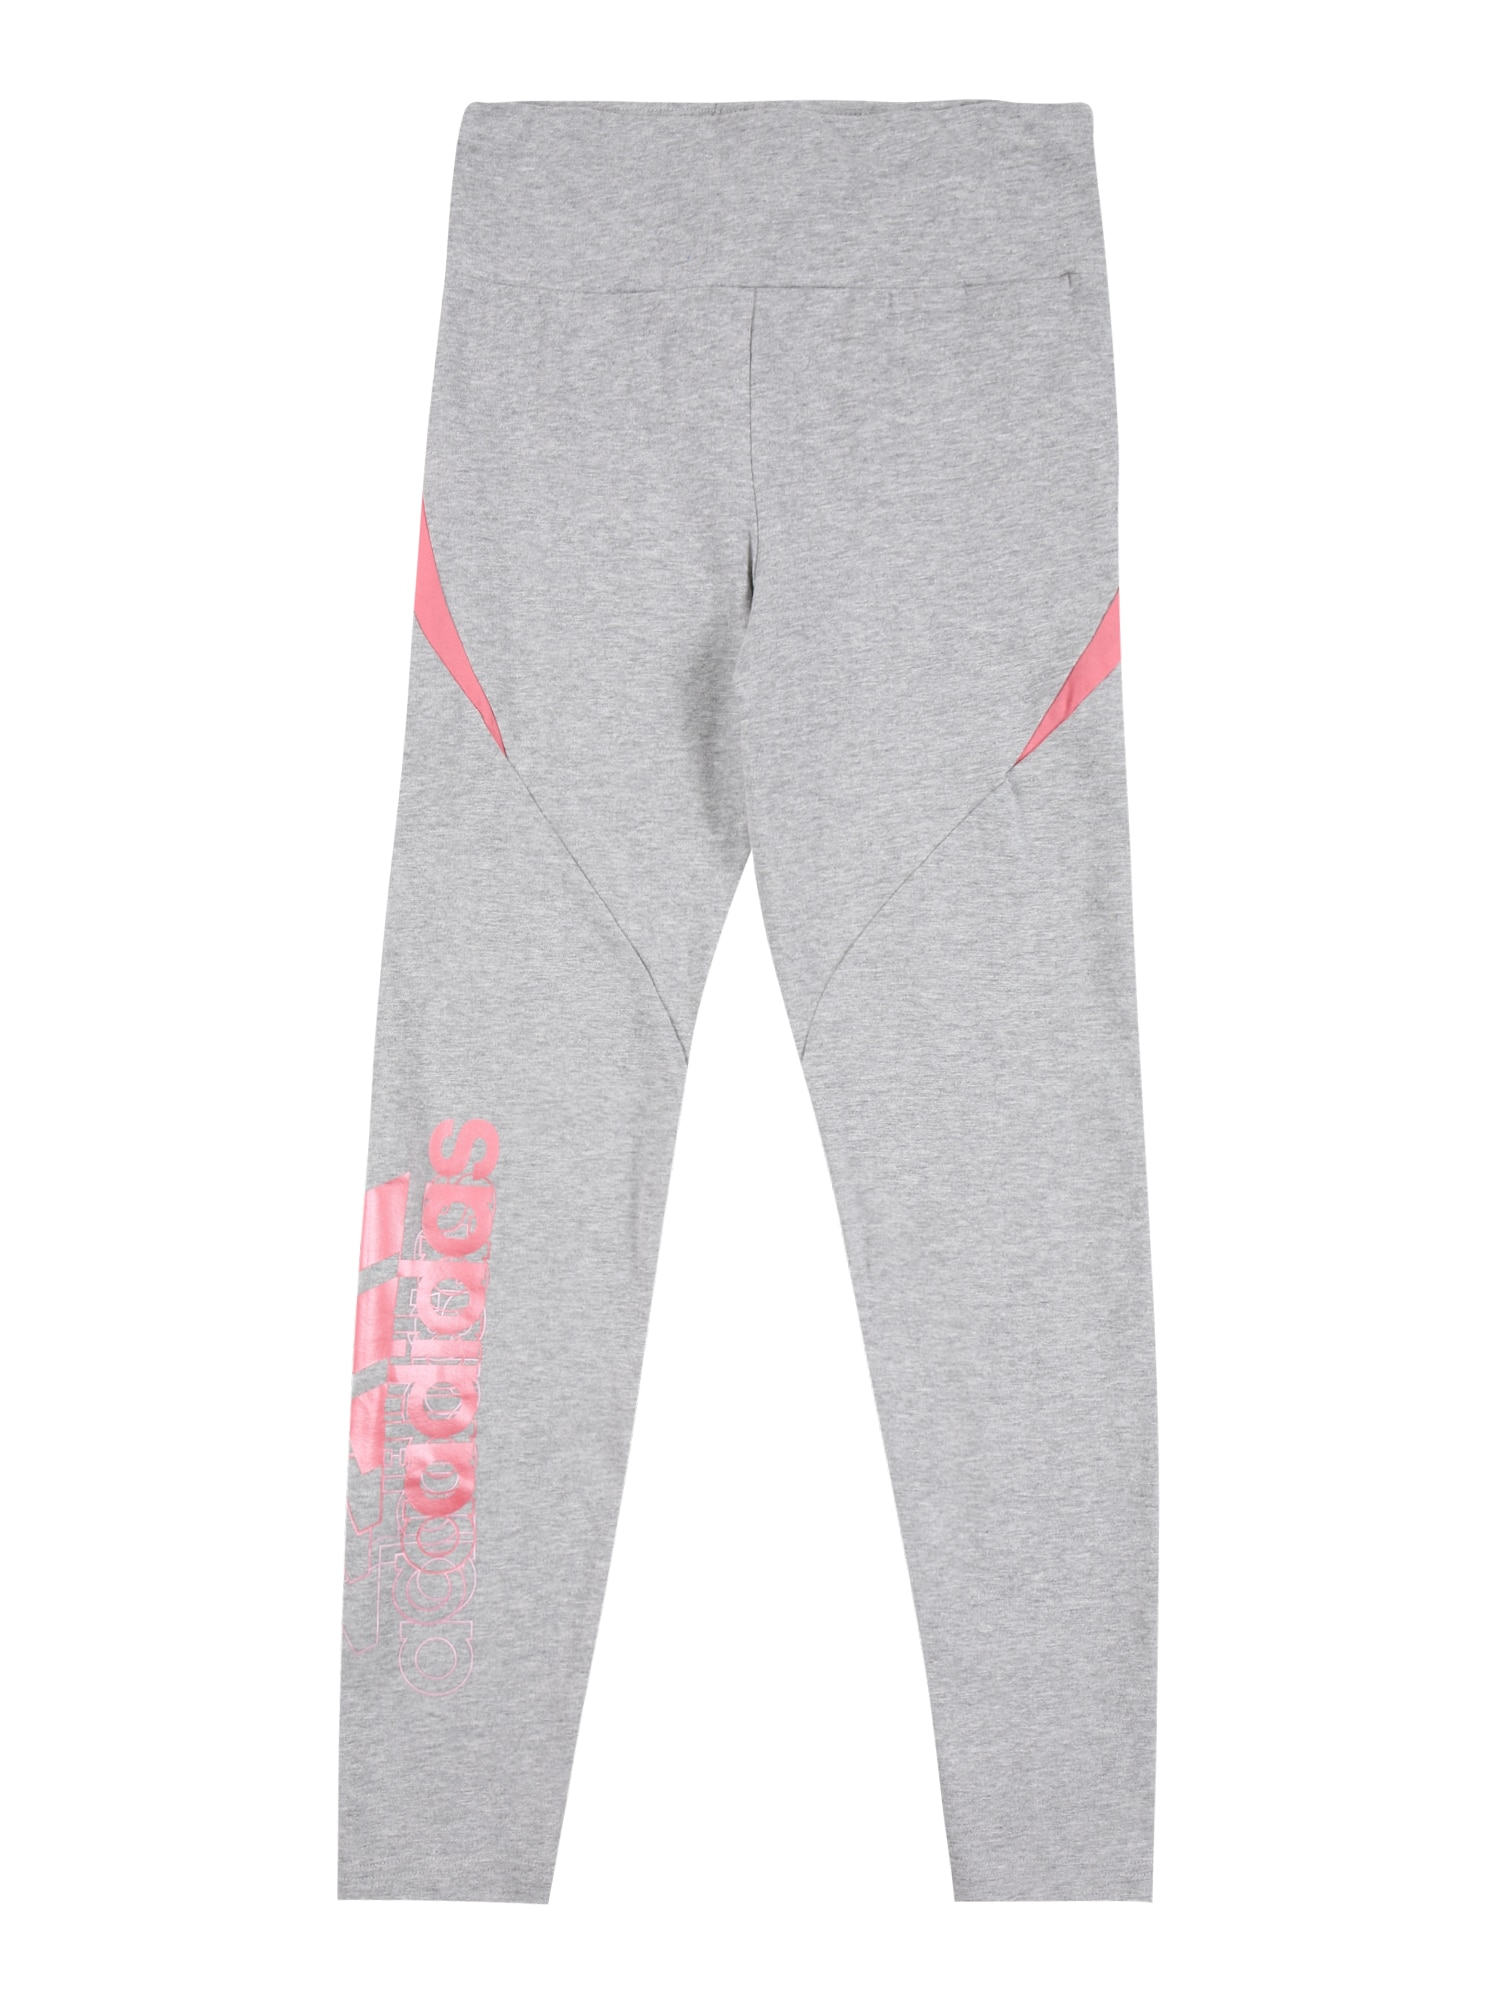 ADIDAS PERFORMANCE Sportinės kelnės 'Bold' margai pilka / omarų spalva / šviesiai rožinė